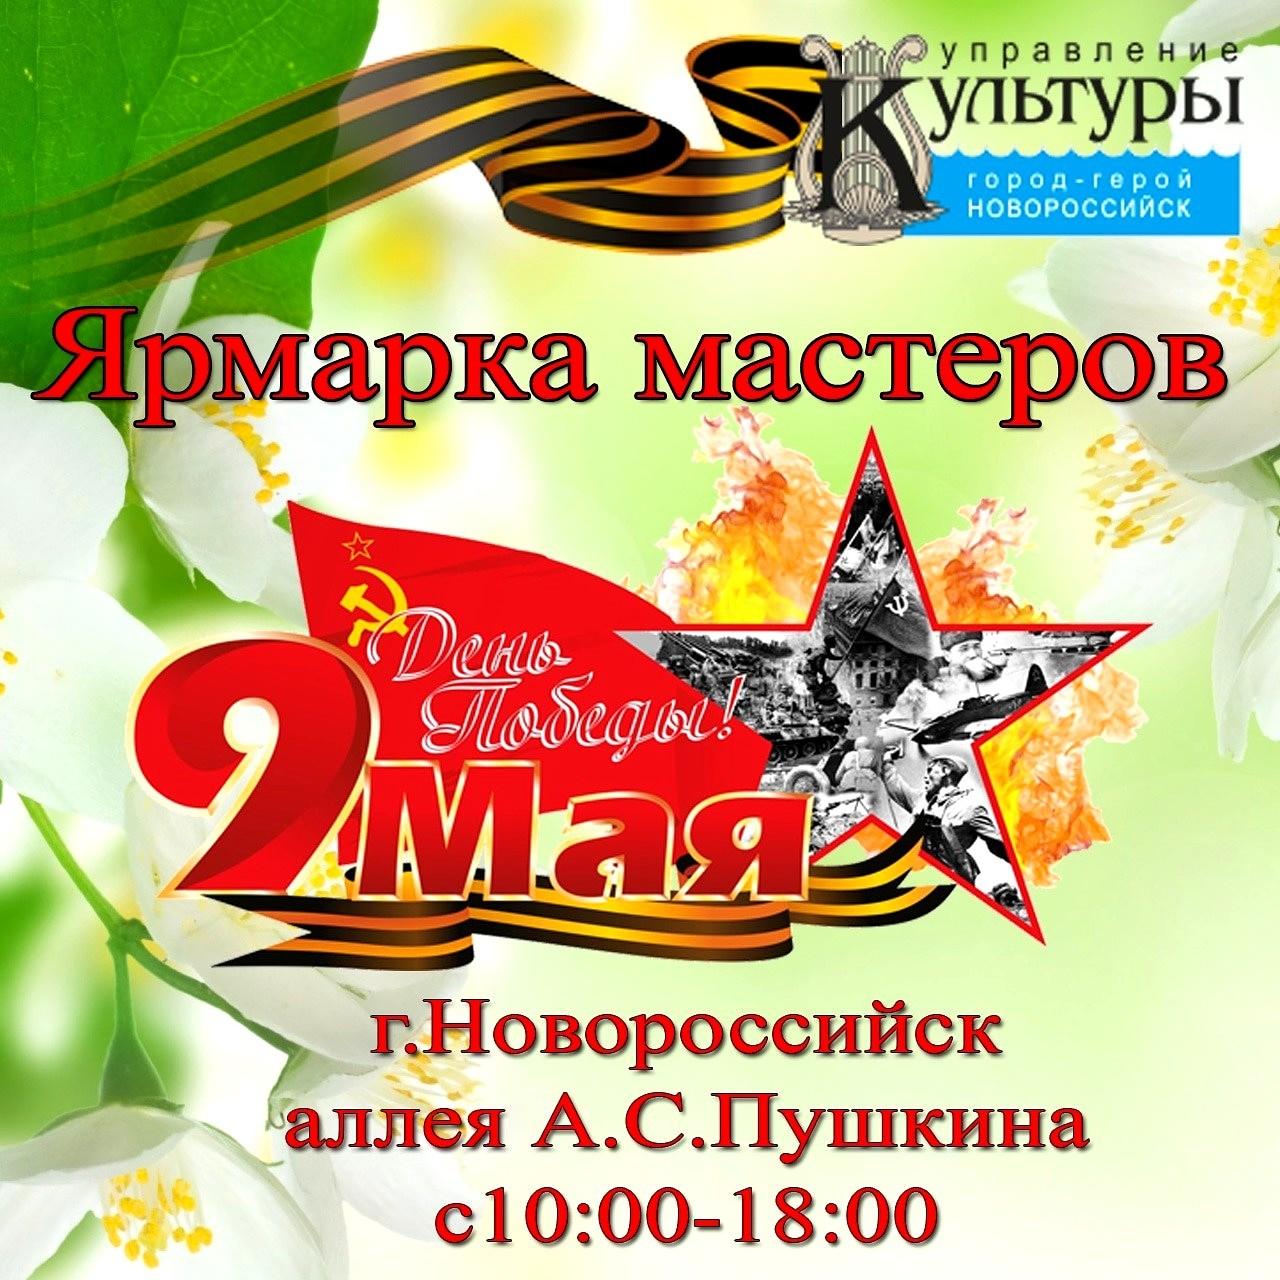 В Новороссийске пройдет праздничная ярмарка ремесел